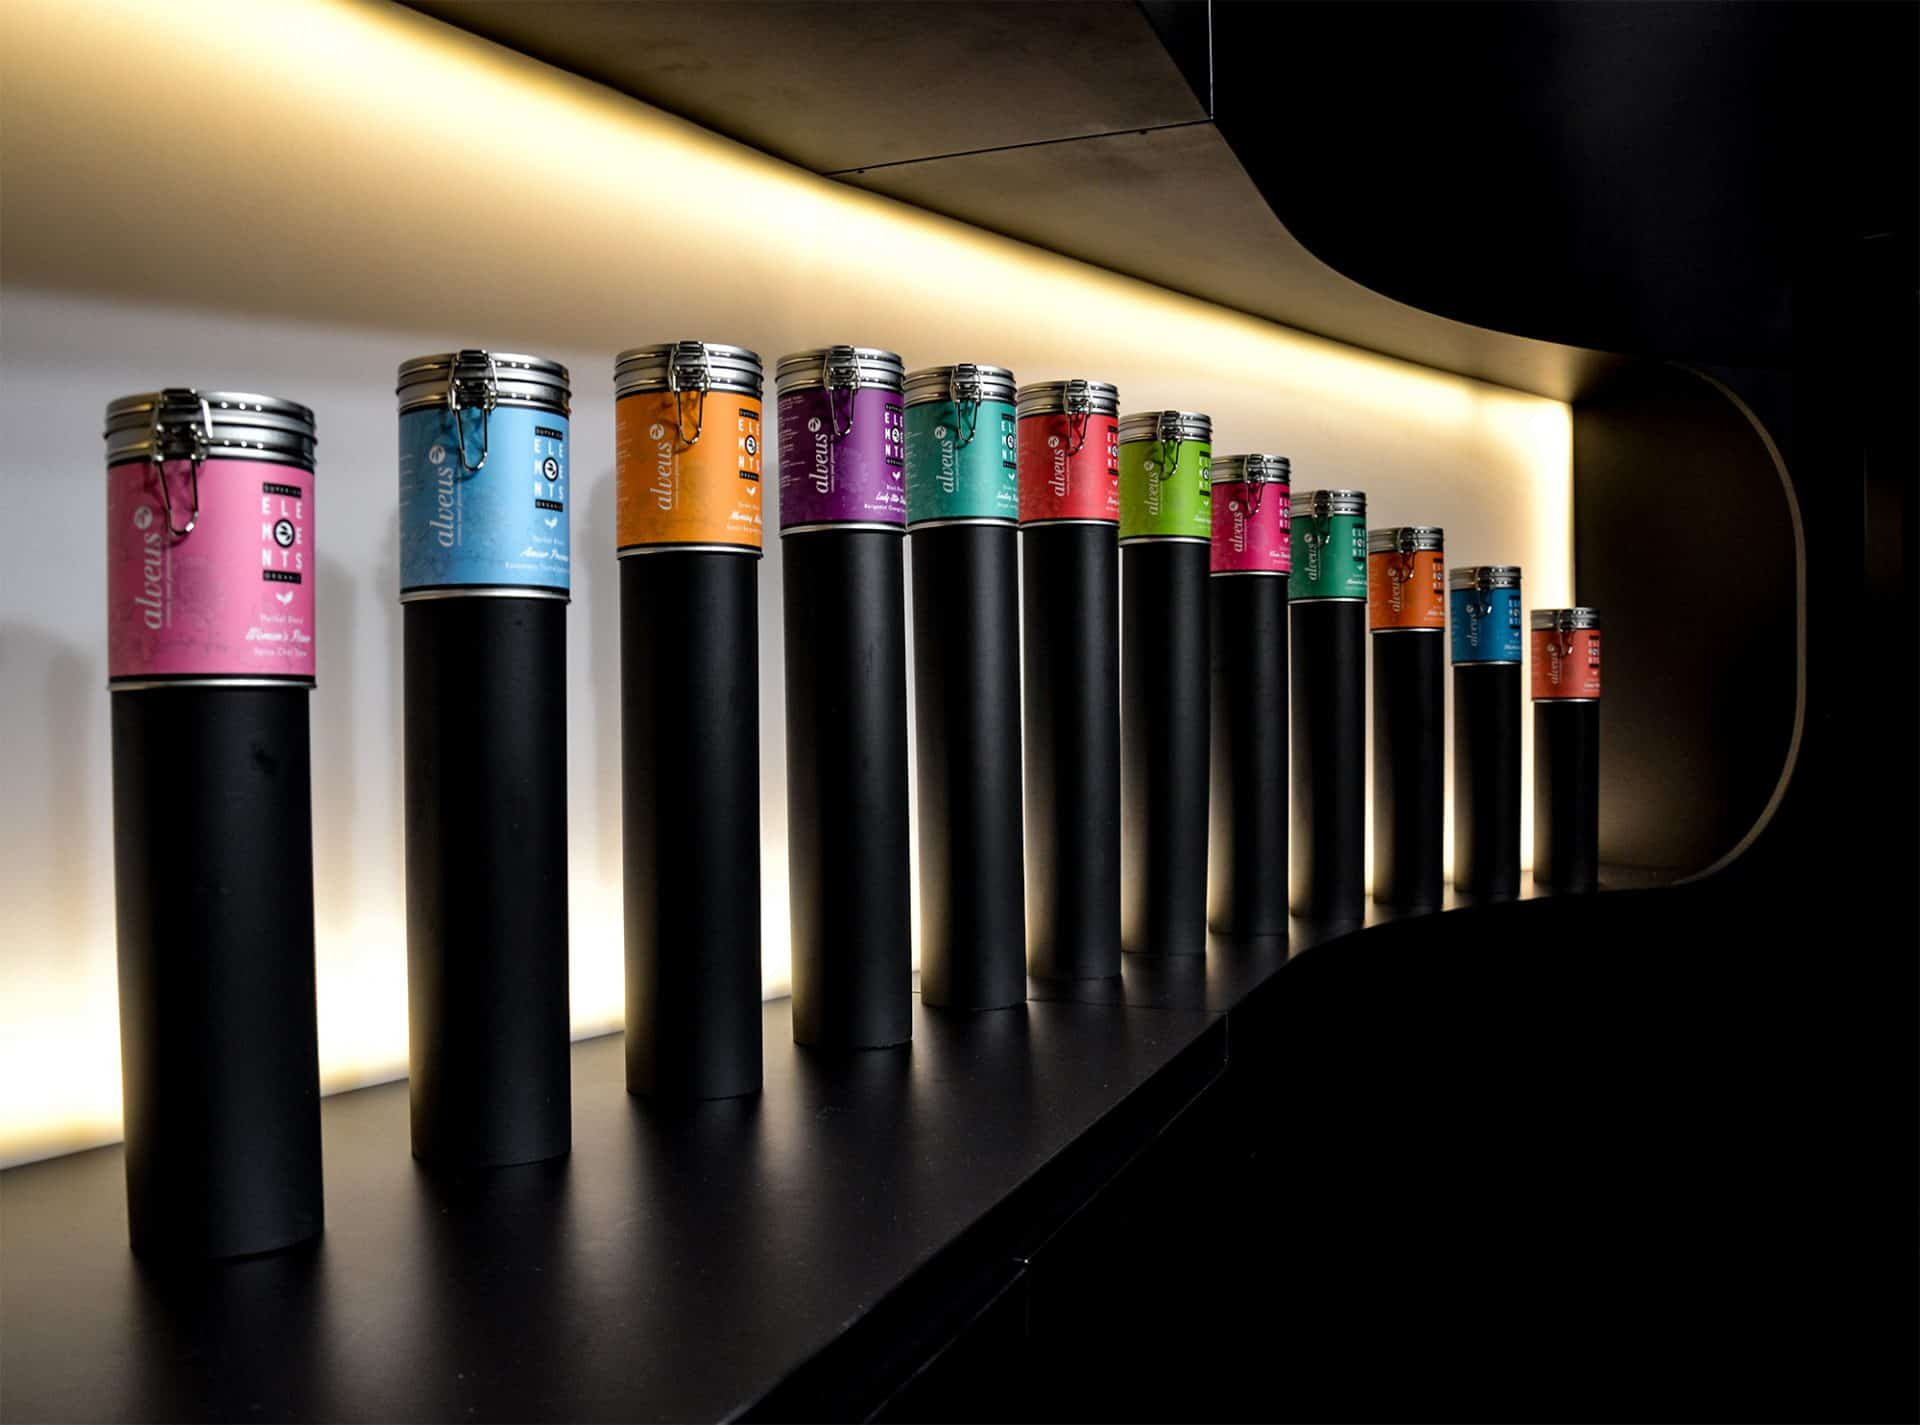 Messe-Konzept Messe-Design Corporate-Design alveus premium-teas edel in Schwarz mit Akzenten in Eiche Weiß und Grün Tee Ausschank Tresen Rückseite mit Säulen-Display für Tee-Dosen Elements Low-Budget design von Lange Architekten für alveus Biofach